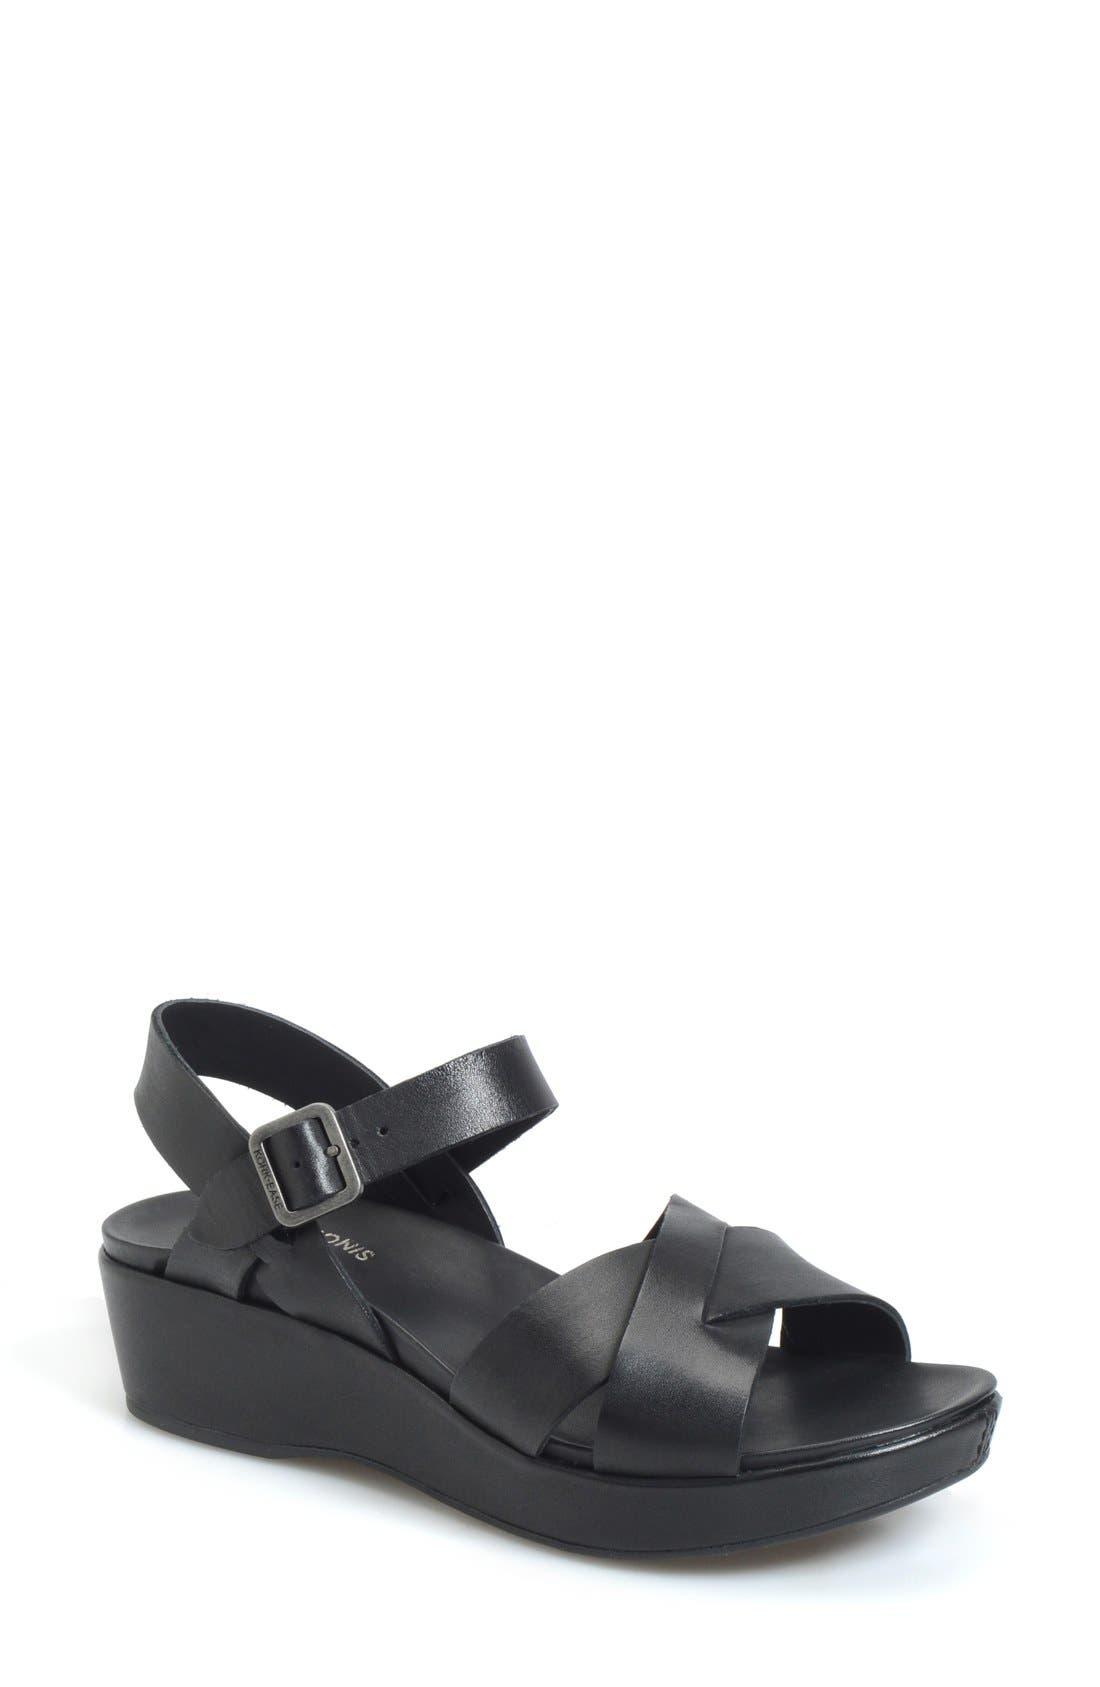 KORK-EASE<SUP>®</SUP> 'Myrna 2.0' Cork Wedge Sandal, Main, color, BLACK LEATHER